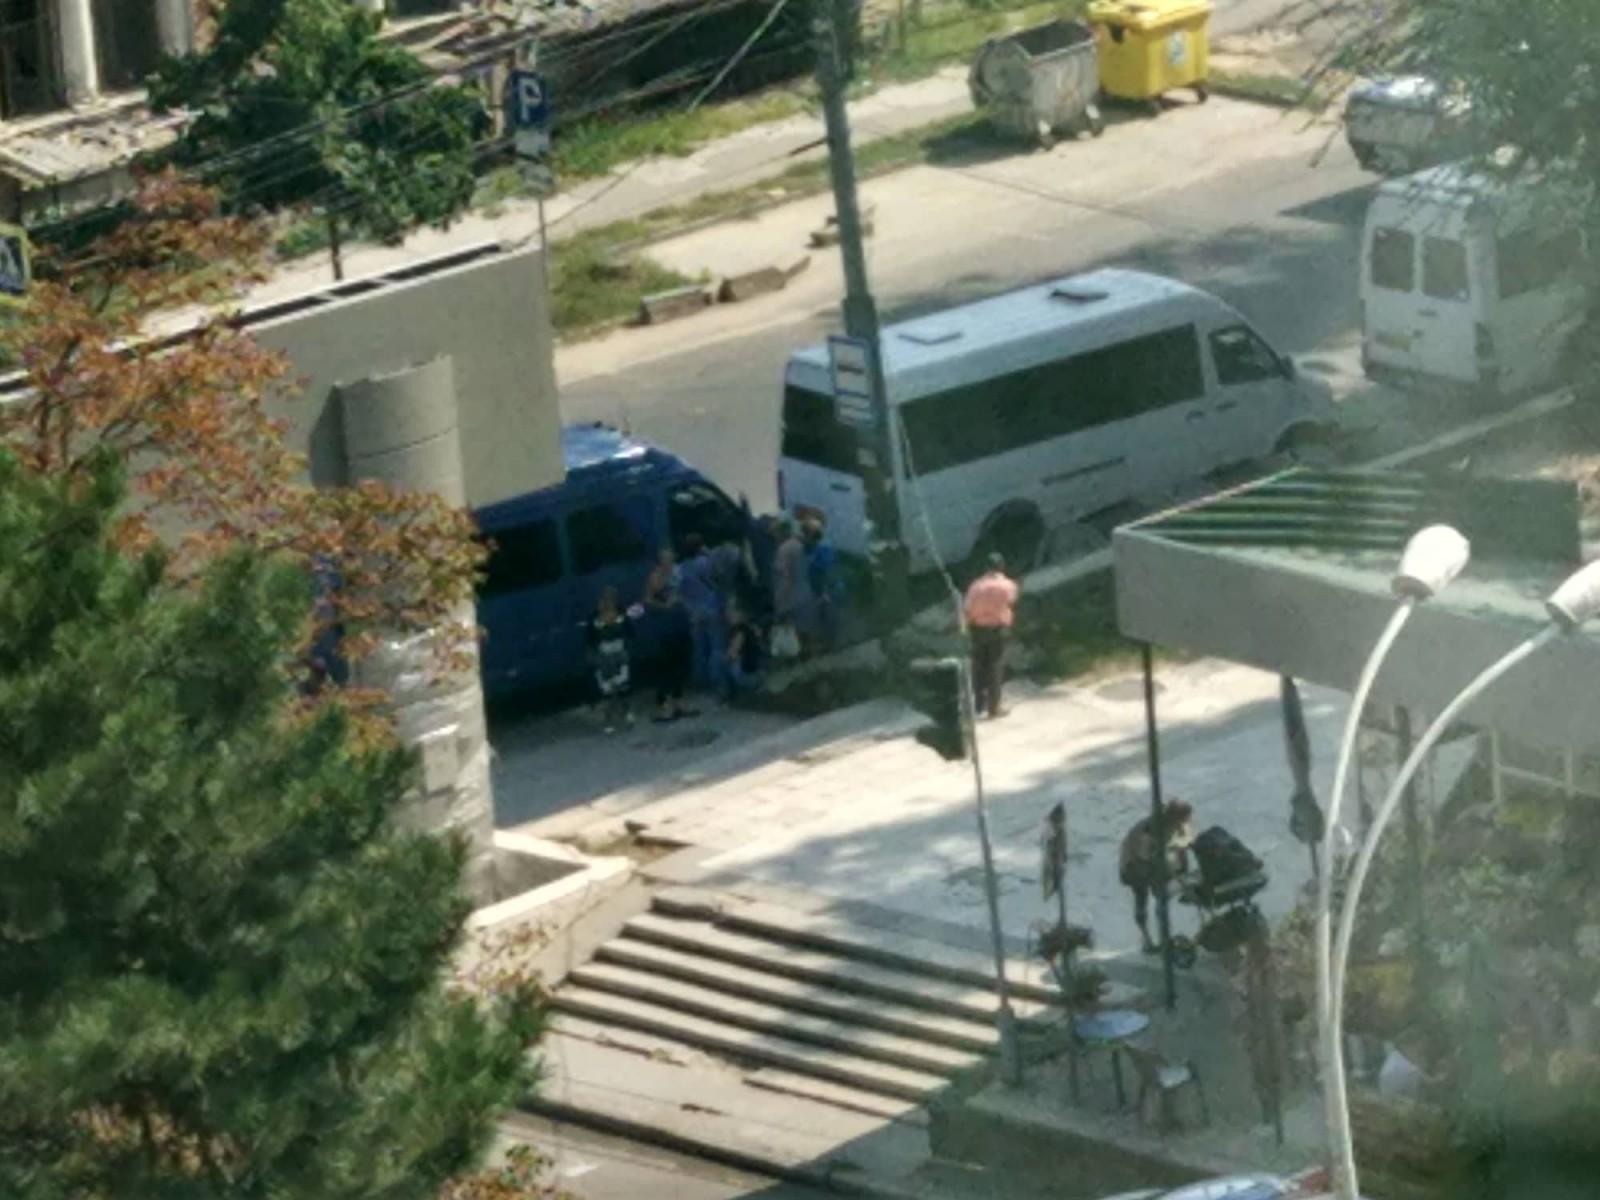 Acum în Piața Marii Adunări Naționale: Oameni surprinși cum coboară din microbuze și se îndreaptă spre Piață